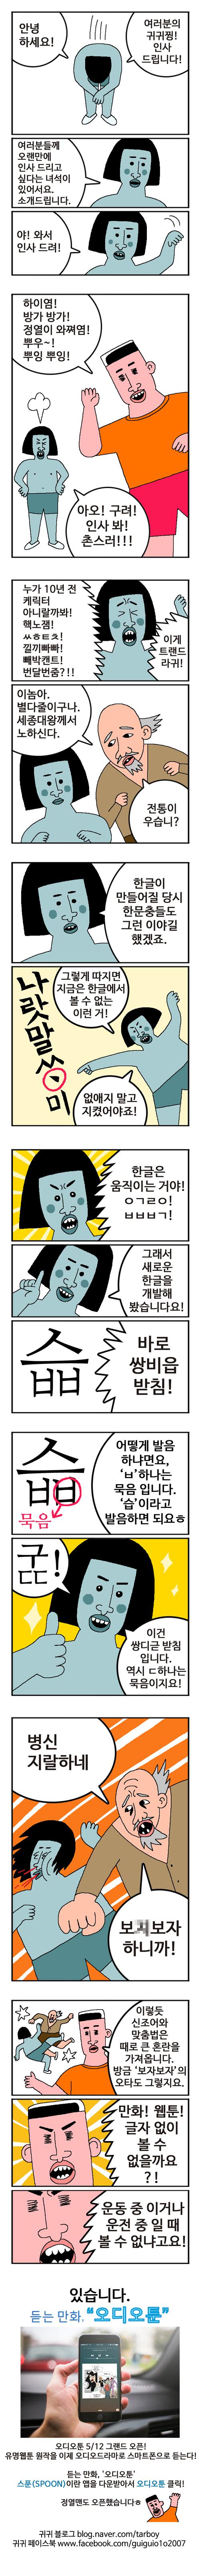 오디오툰_귀귀 편_수정.jpg